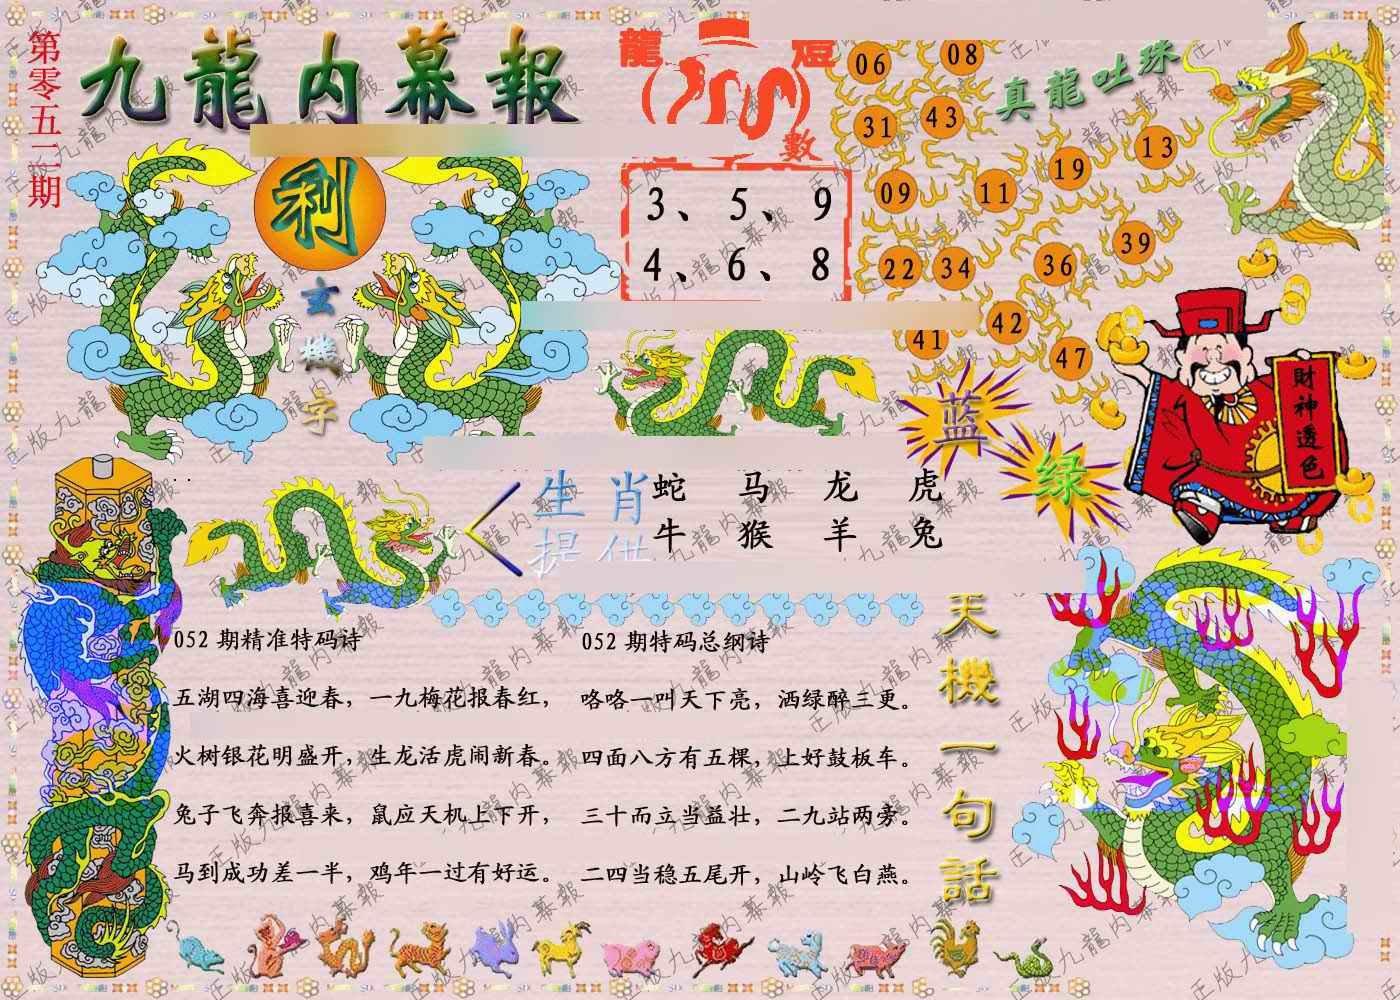 052期正版九龙内幕报